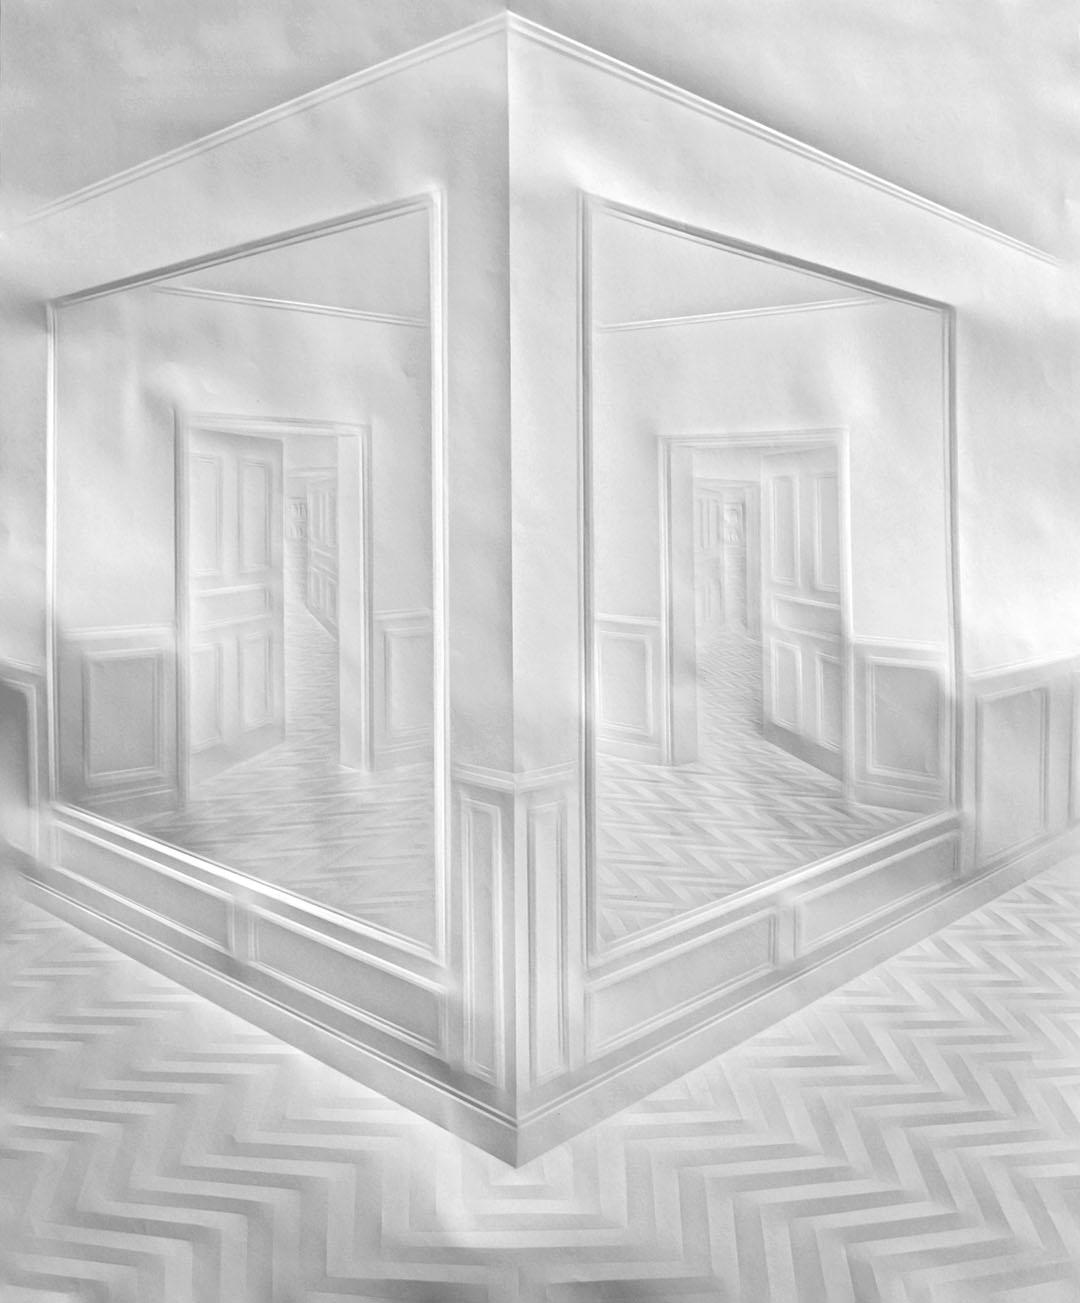 ohne Titel (Flur mit Spiegeln), 90 x 70 cm, 2010